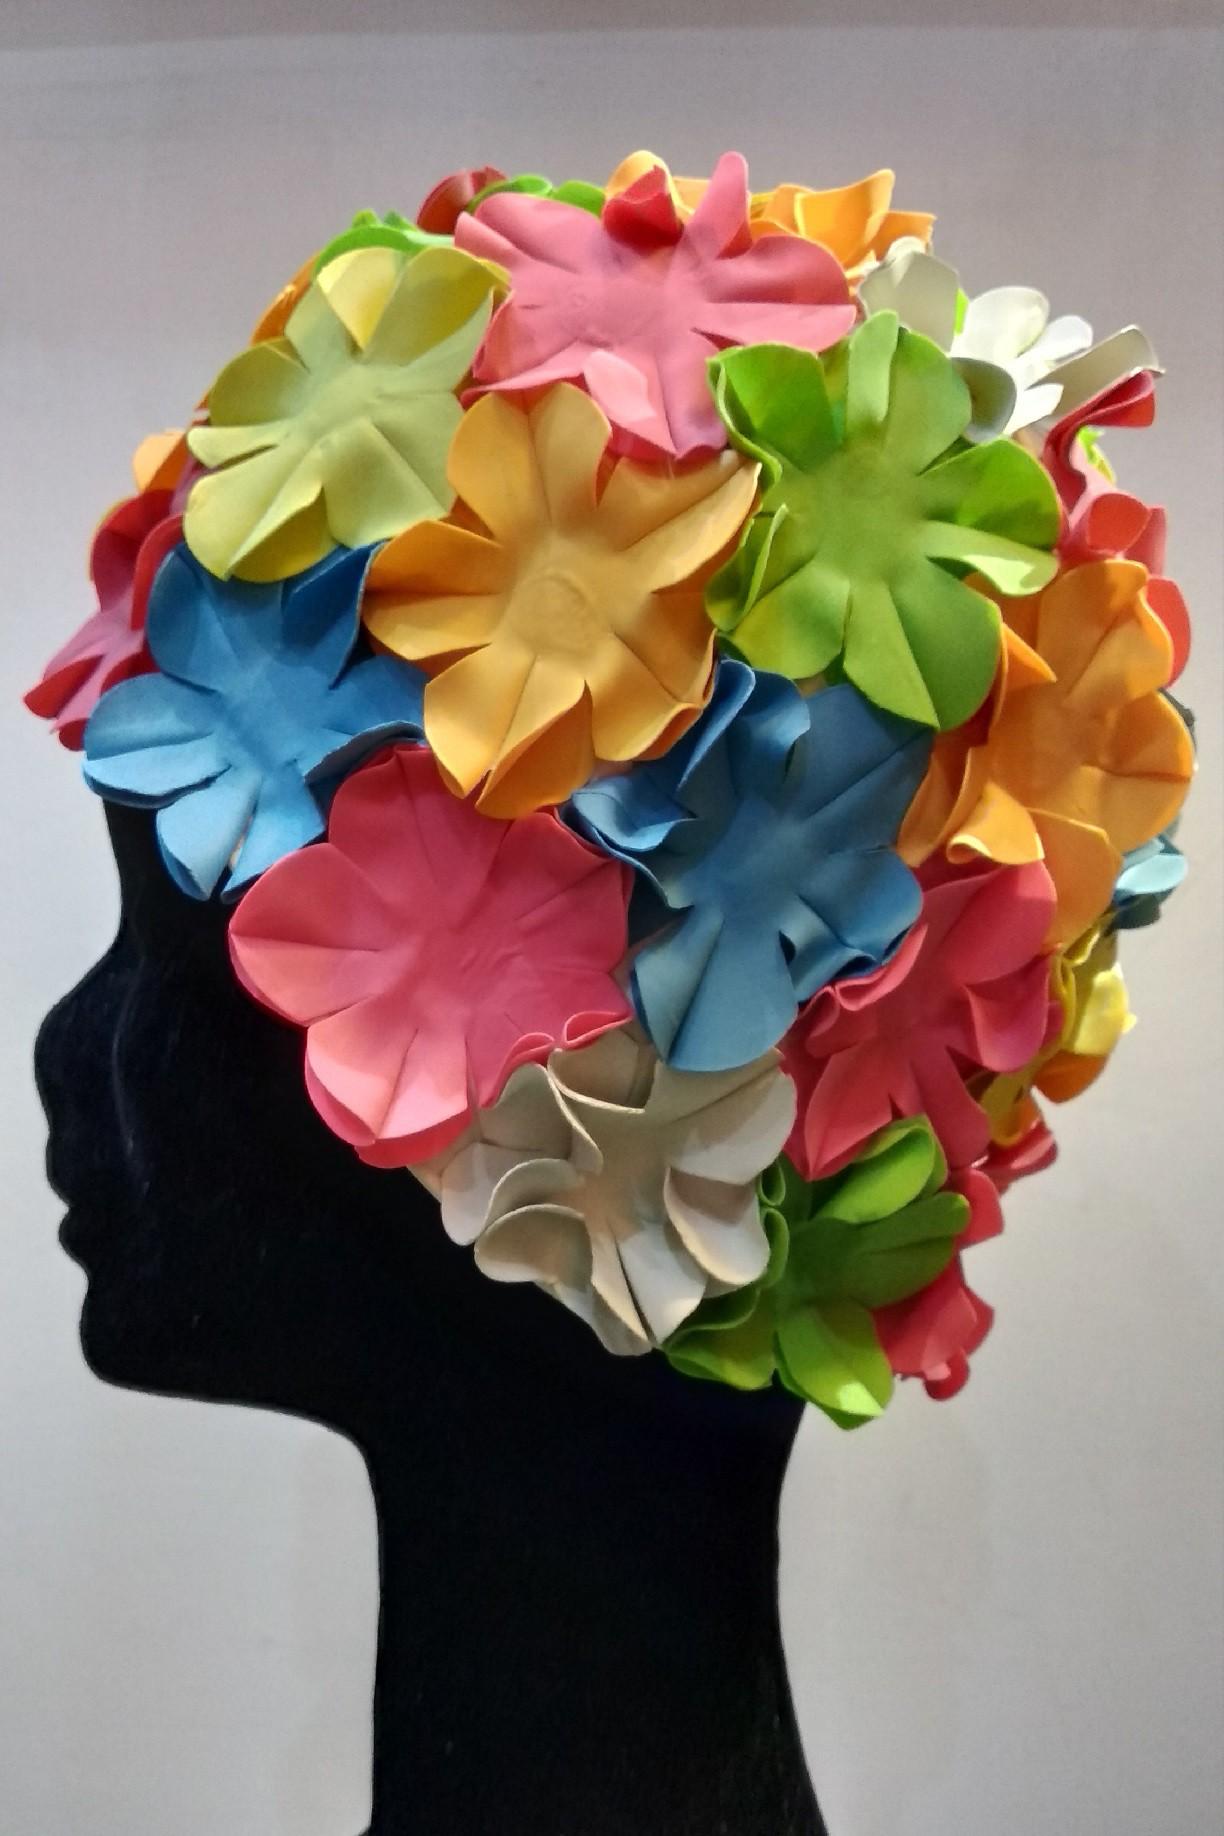 Úszósapka Flower - Színes - CanCan 9cc0db0f53